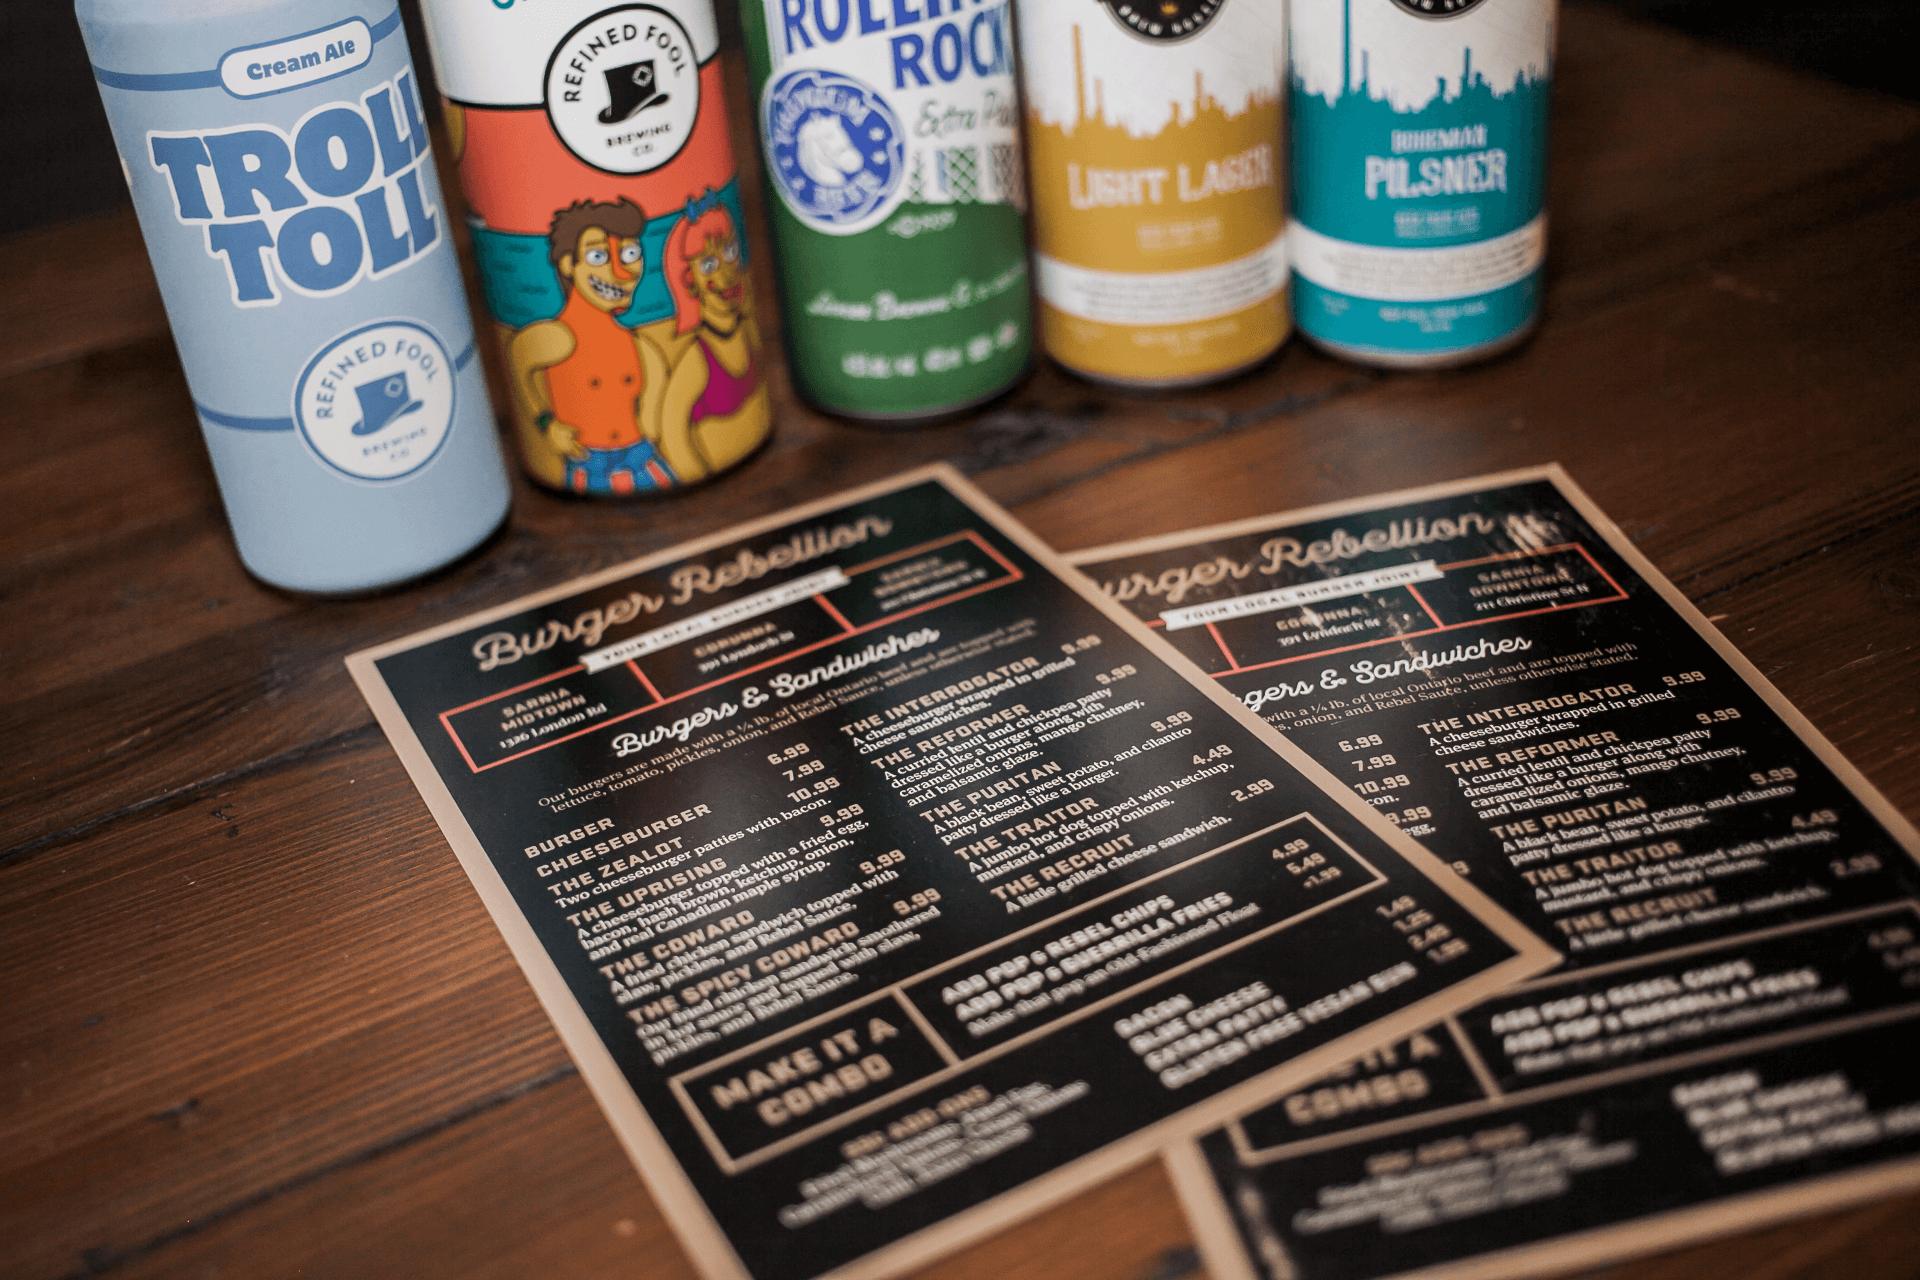 menu and beverages